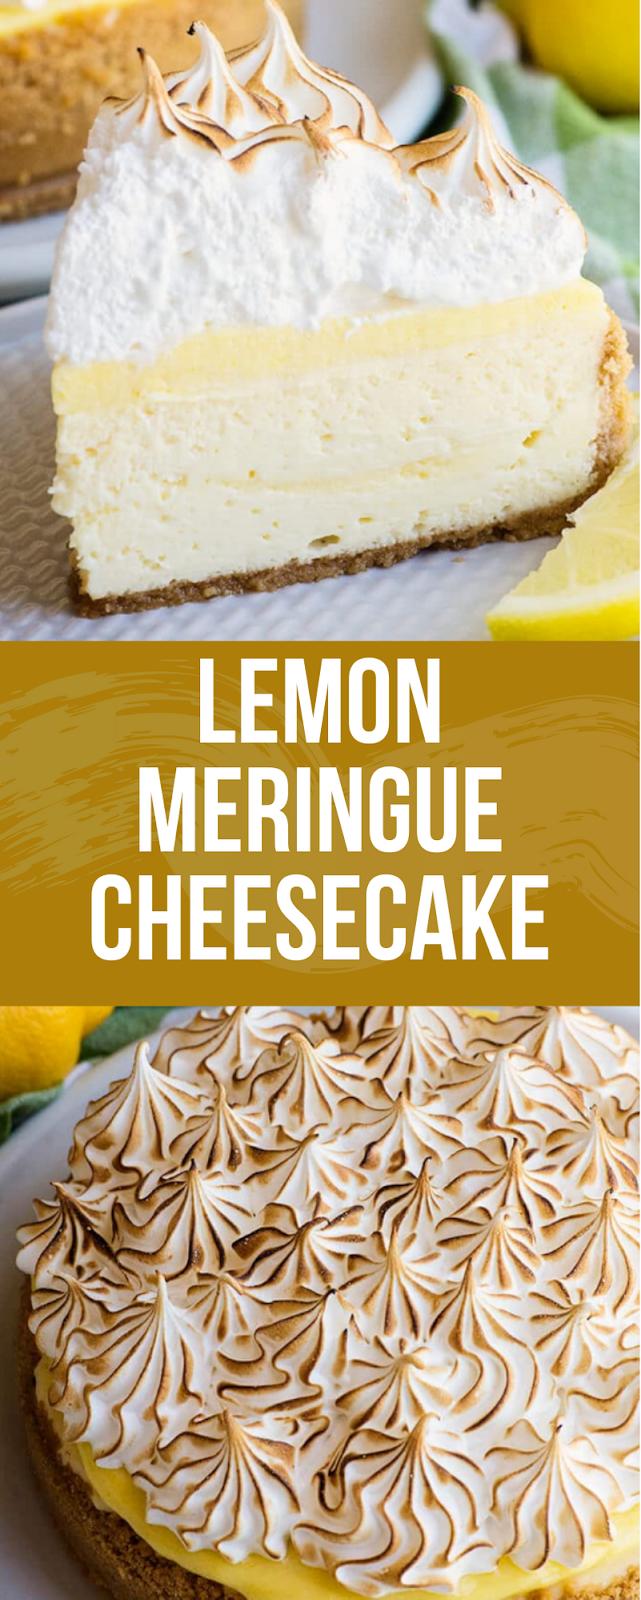 LEMON MERINGUE CHEESECAKE - Yummy #lemonmeringuecheesecake